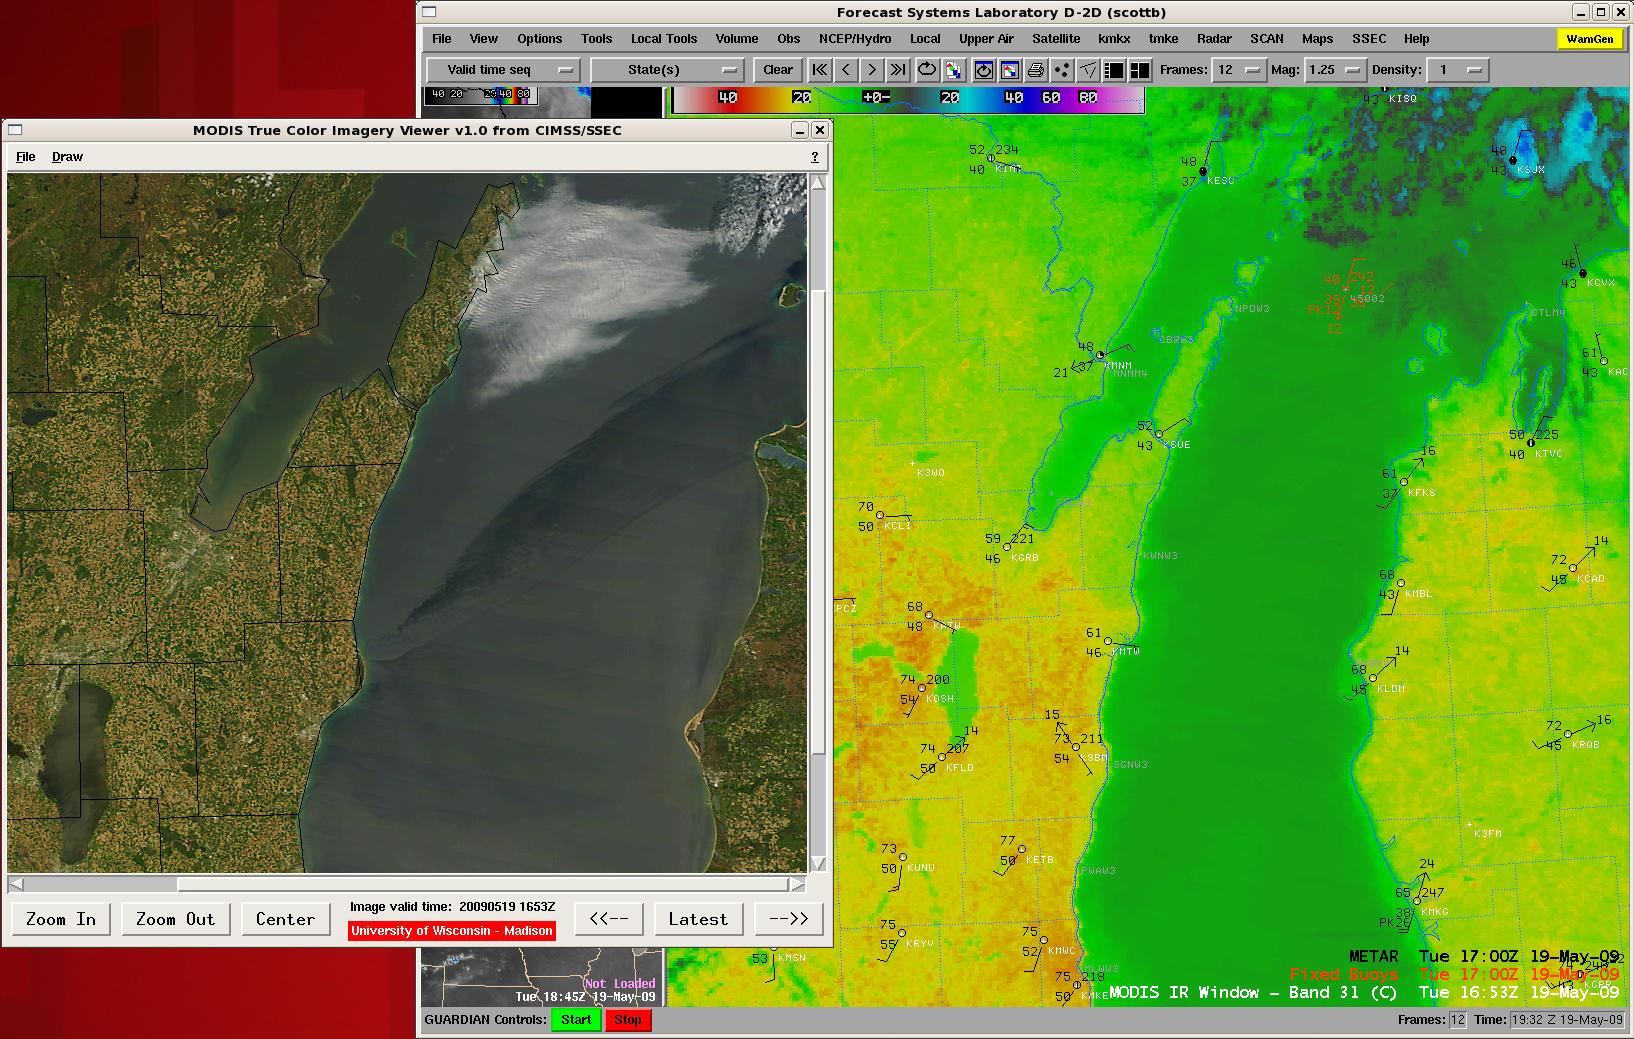 MODIS true color image + MODIS 11.0 µm IR image